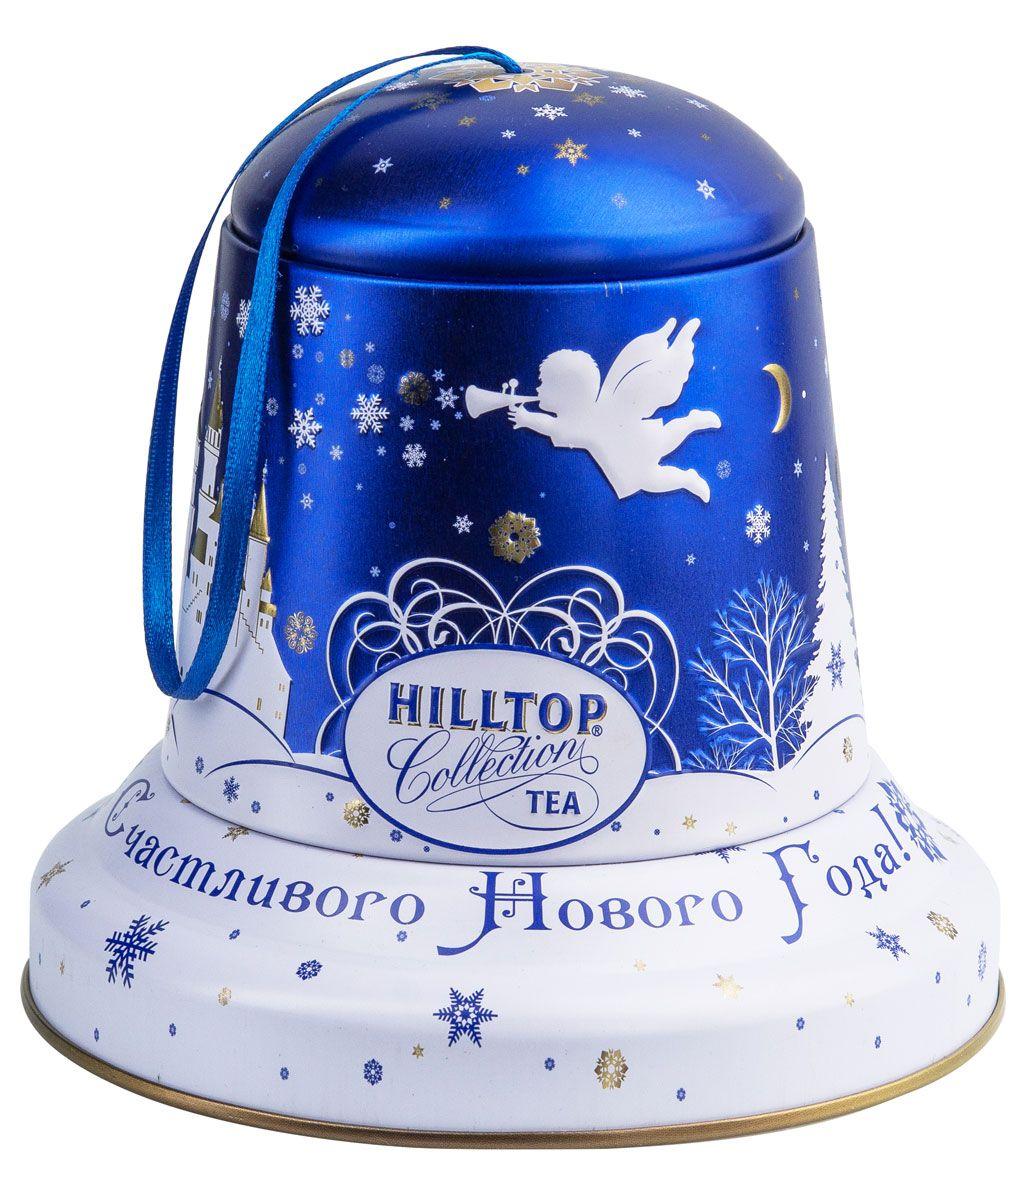 Hilltop Снежный ангел чайный набор, 100 г0120710Подарочная упаковка чая Hilltop Снежный ангелпослужит великолепным украшением вашего дома в новогодние праздники! Благодаря необычному дизайну в виде елочной игрушки - колокольчика коробку можно повесить прямо на новогоднюю елку. Внутри вы найдете благородный китайский чёрный чай Чёрное золото, сочетающий утонченный древесный аромат с крепостью настоя и богатым вкусом с оттенком чернослива.